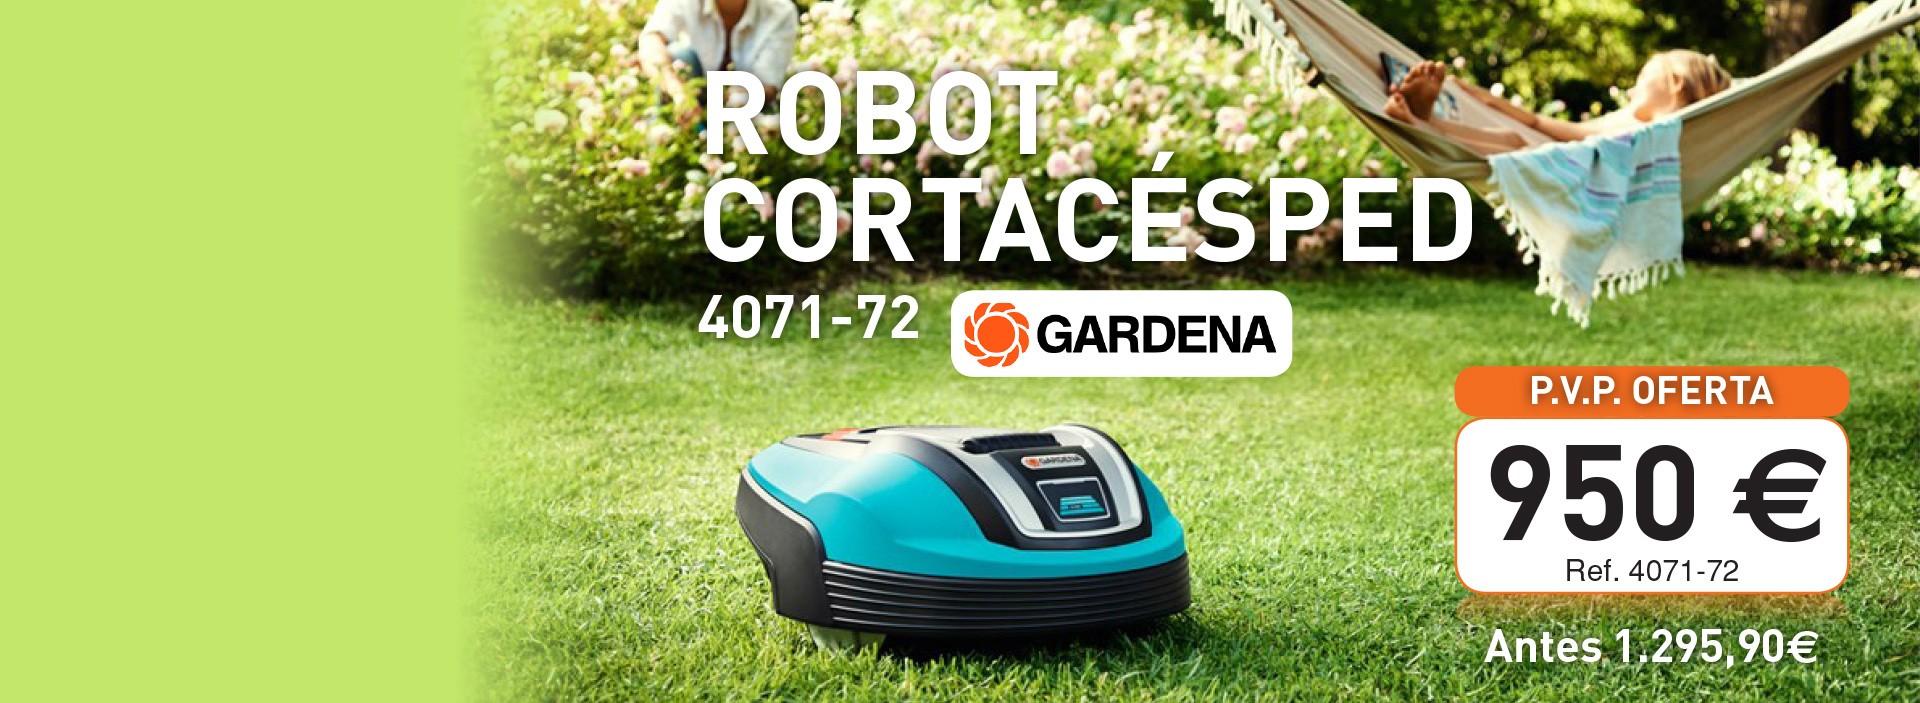 Robot cortacesped GARDENA